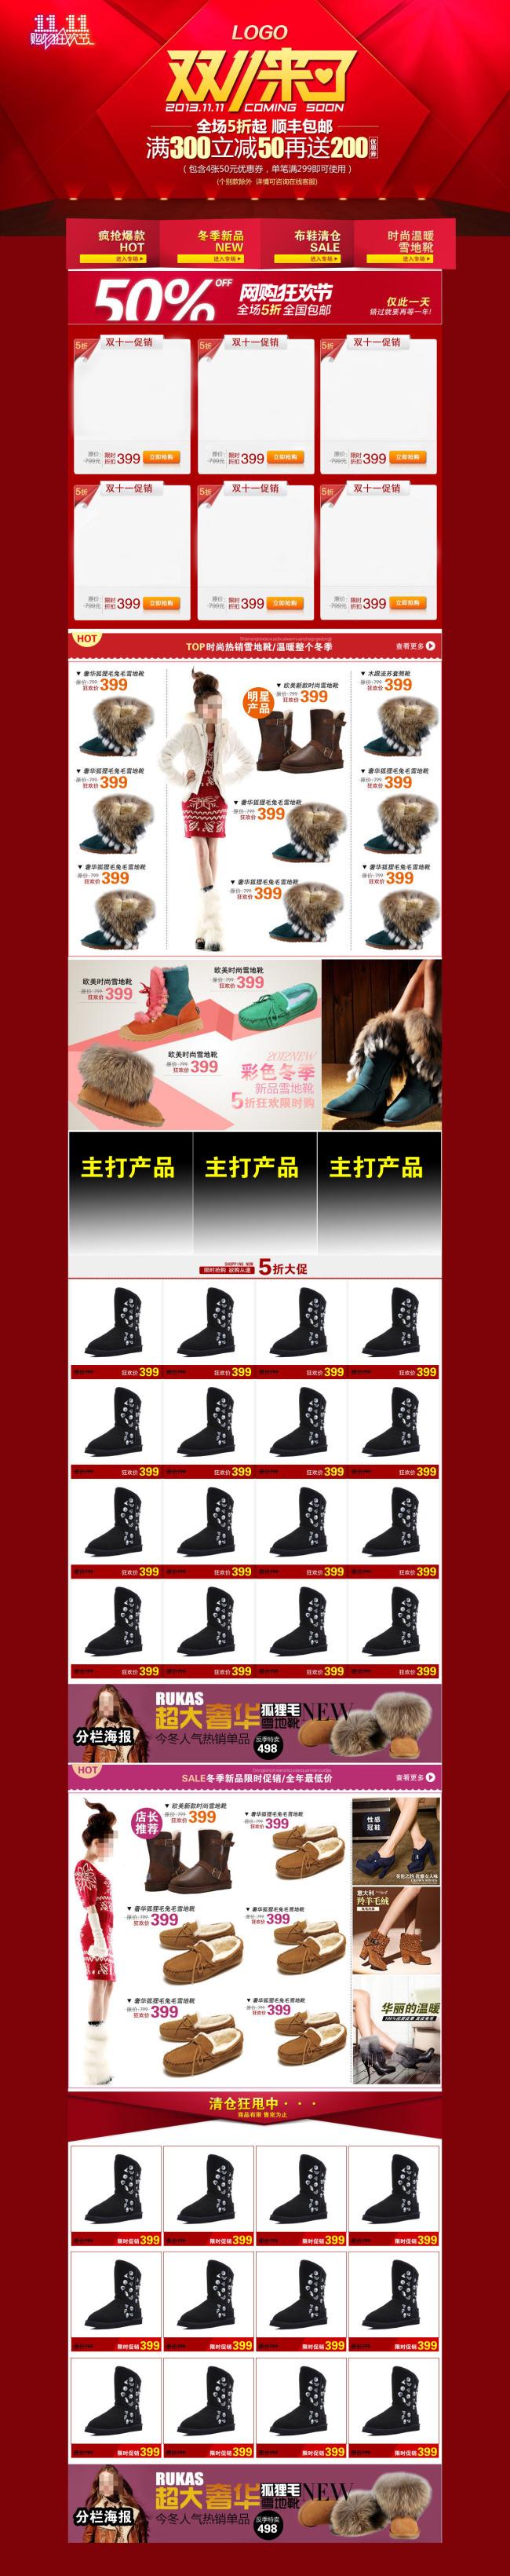 淘宝 双11来了 主图 首页 海报 设计 元旦 春节 节日 全屏 钻展 钻石